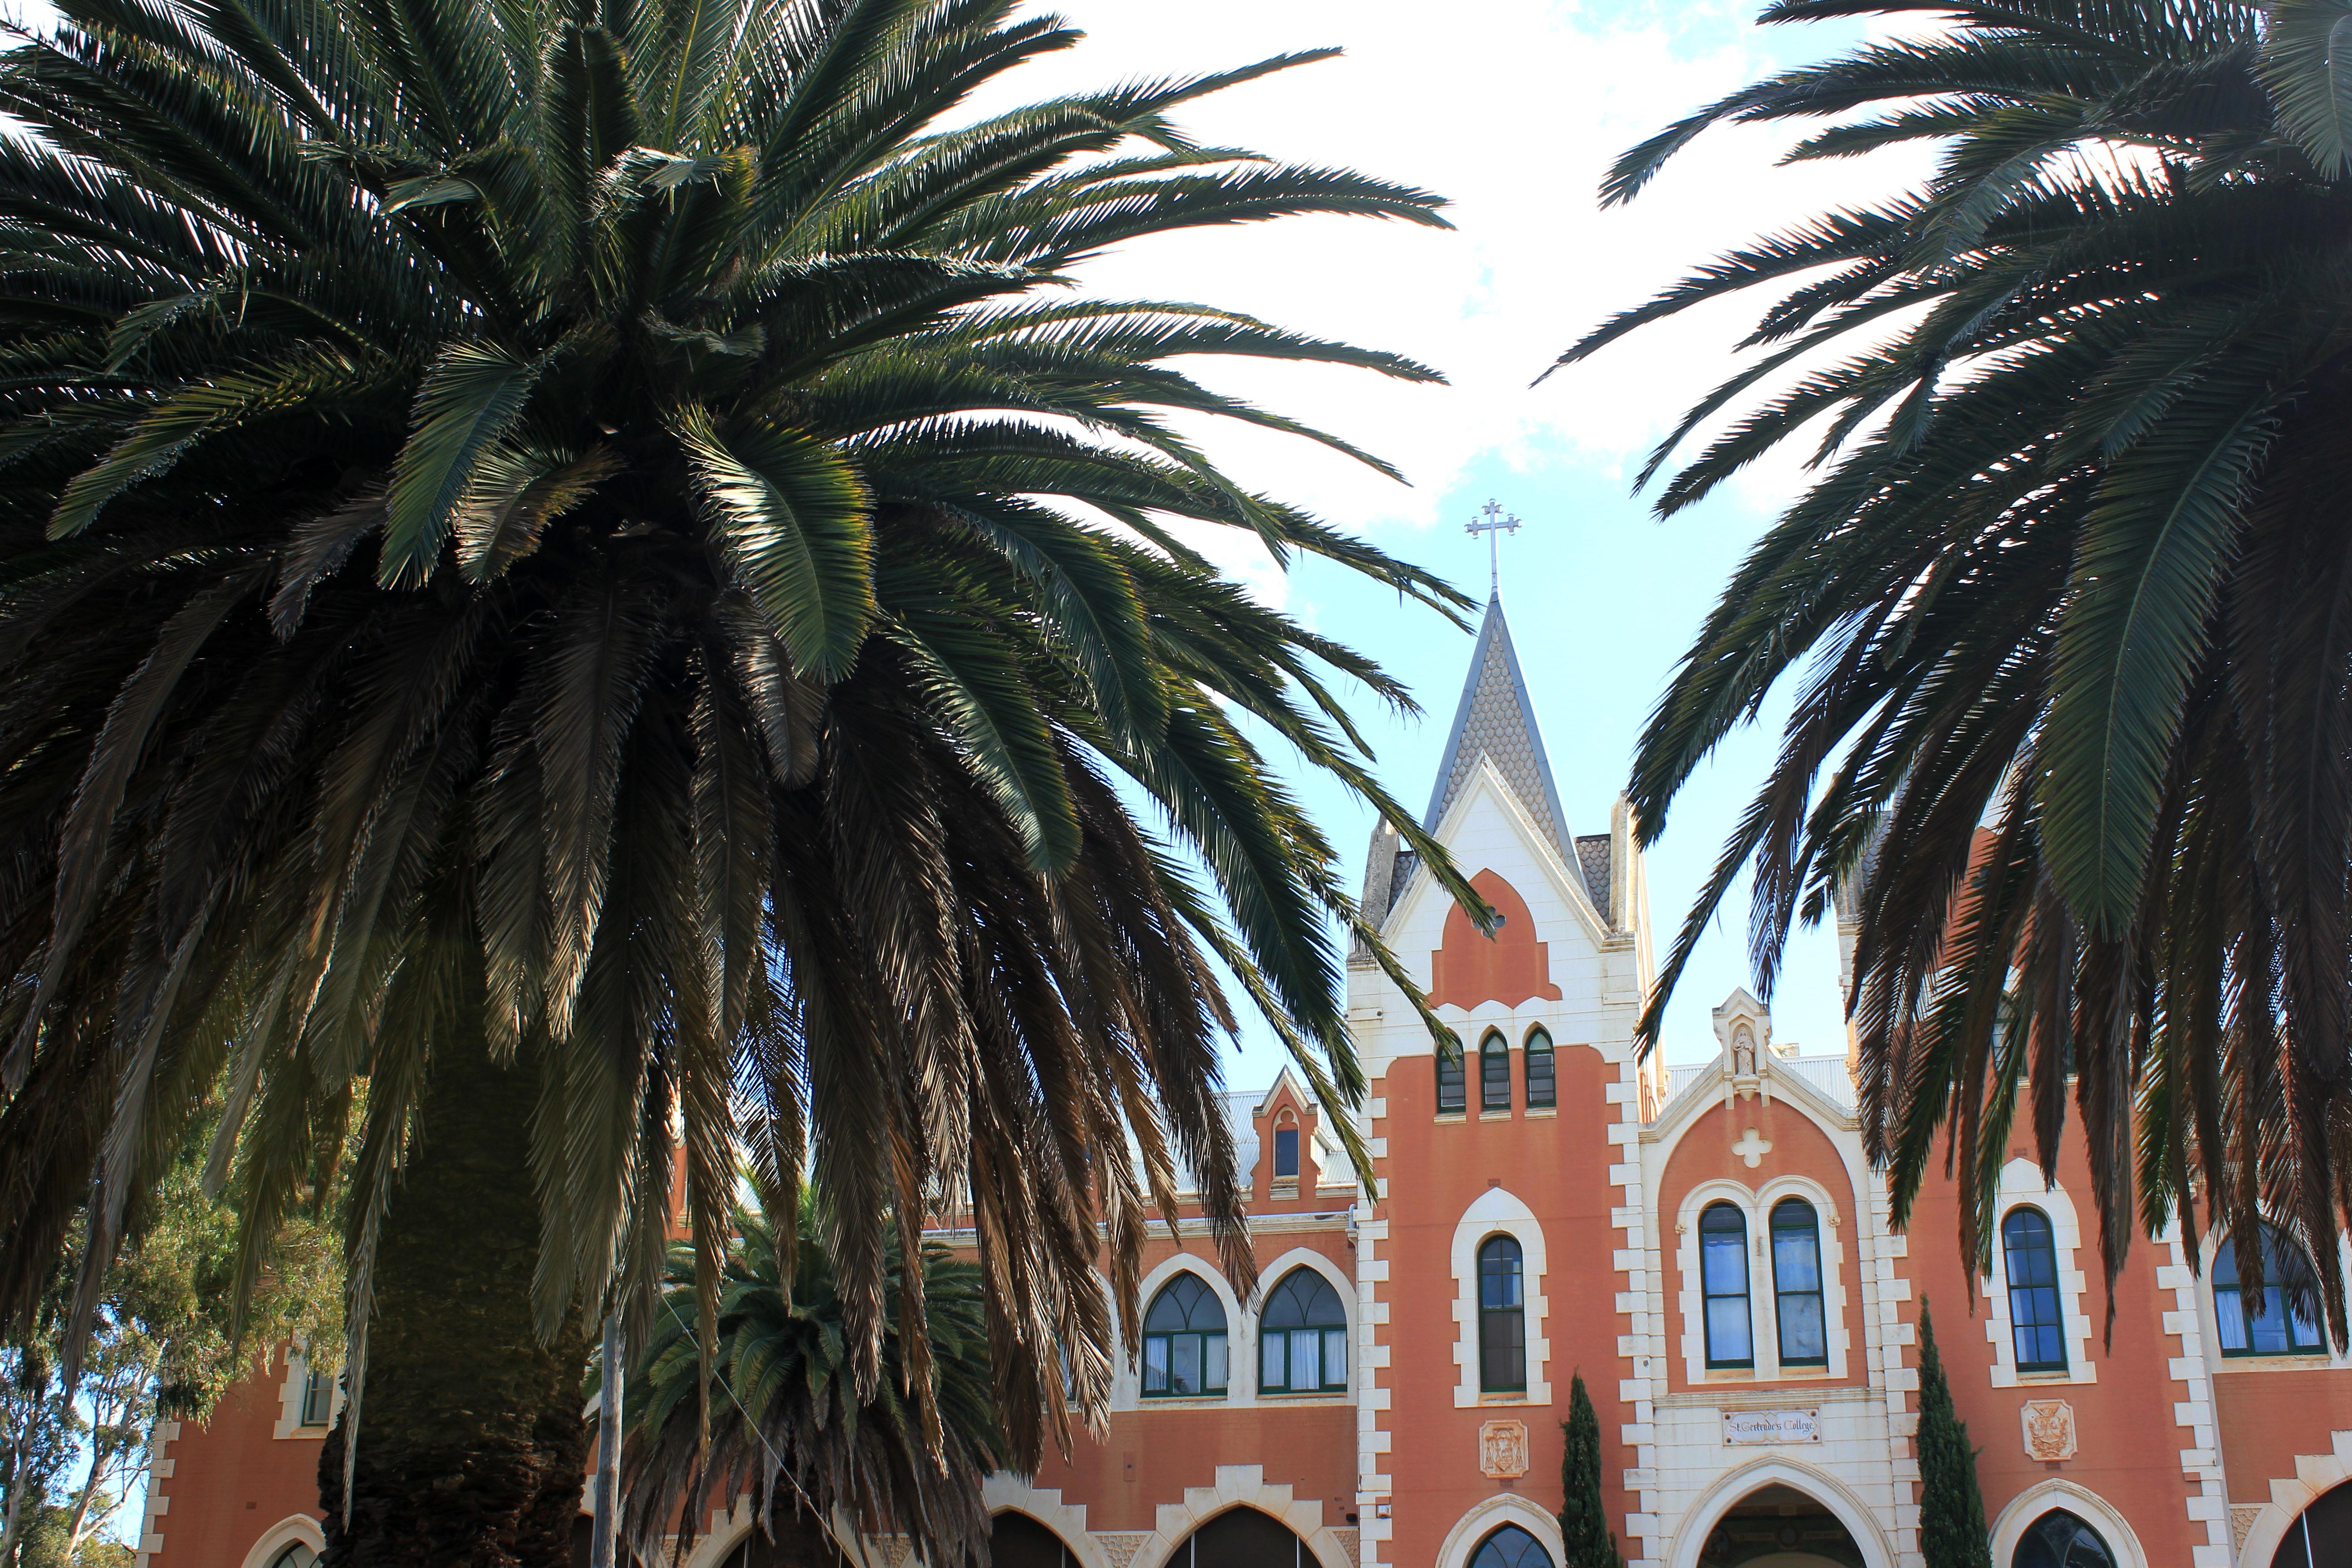 Voyages-et-compagnie.com - Blog voyage | Côte Ouest Australie - New Norcia